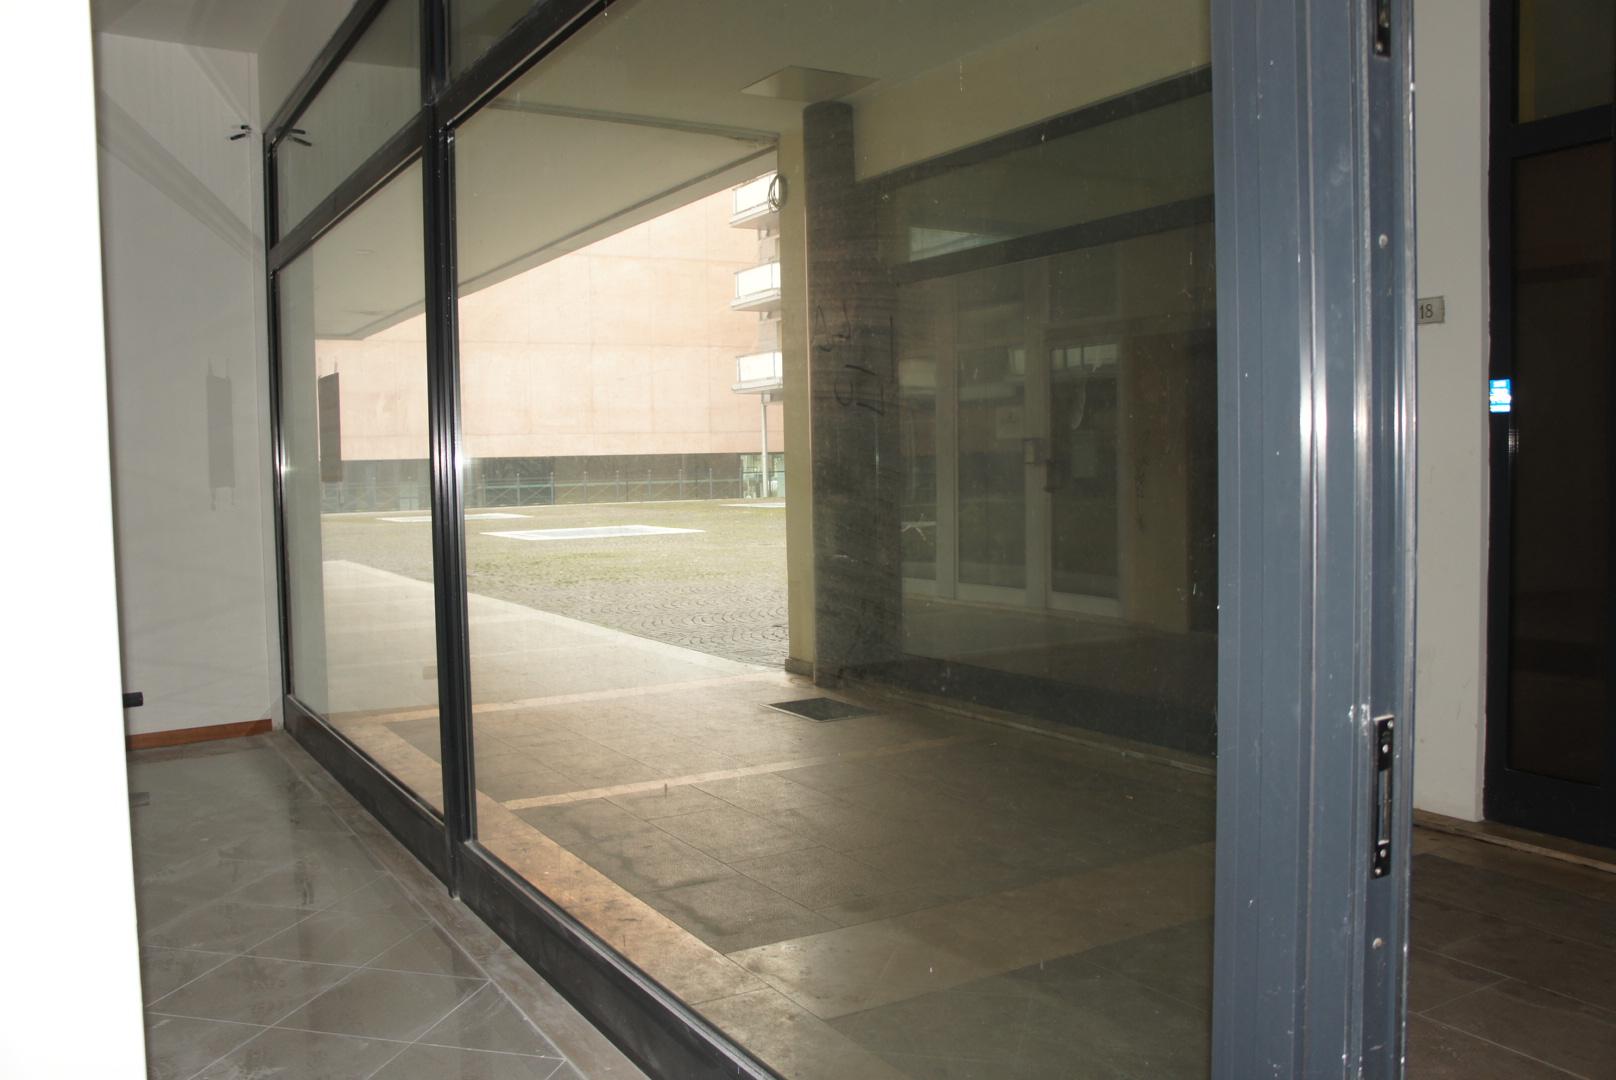 Attività / Licenza in affitto a San Donà di Piave, 9999 locali, zona Località: Centro, Trattative riservate | Cambio Casa.it